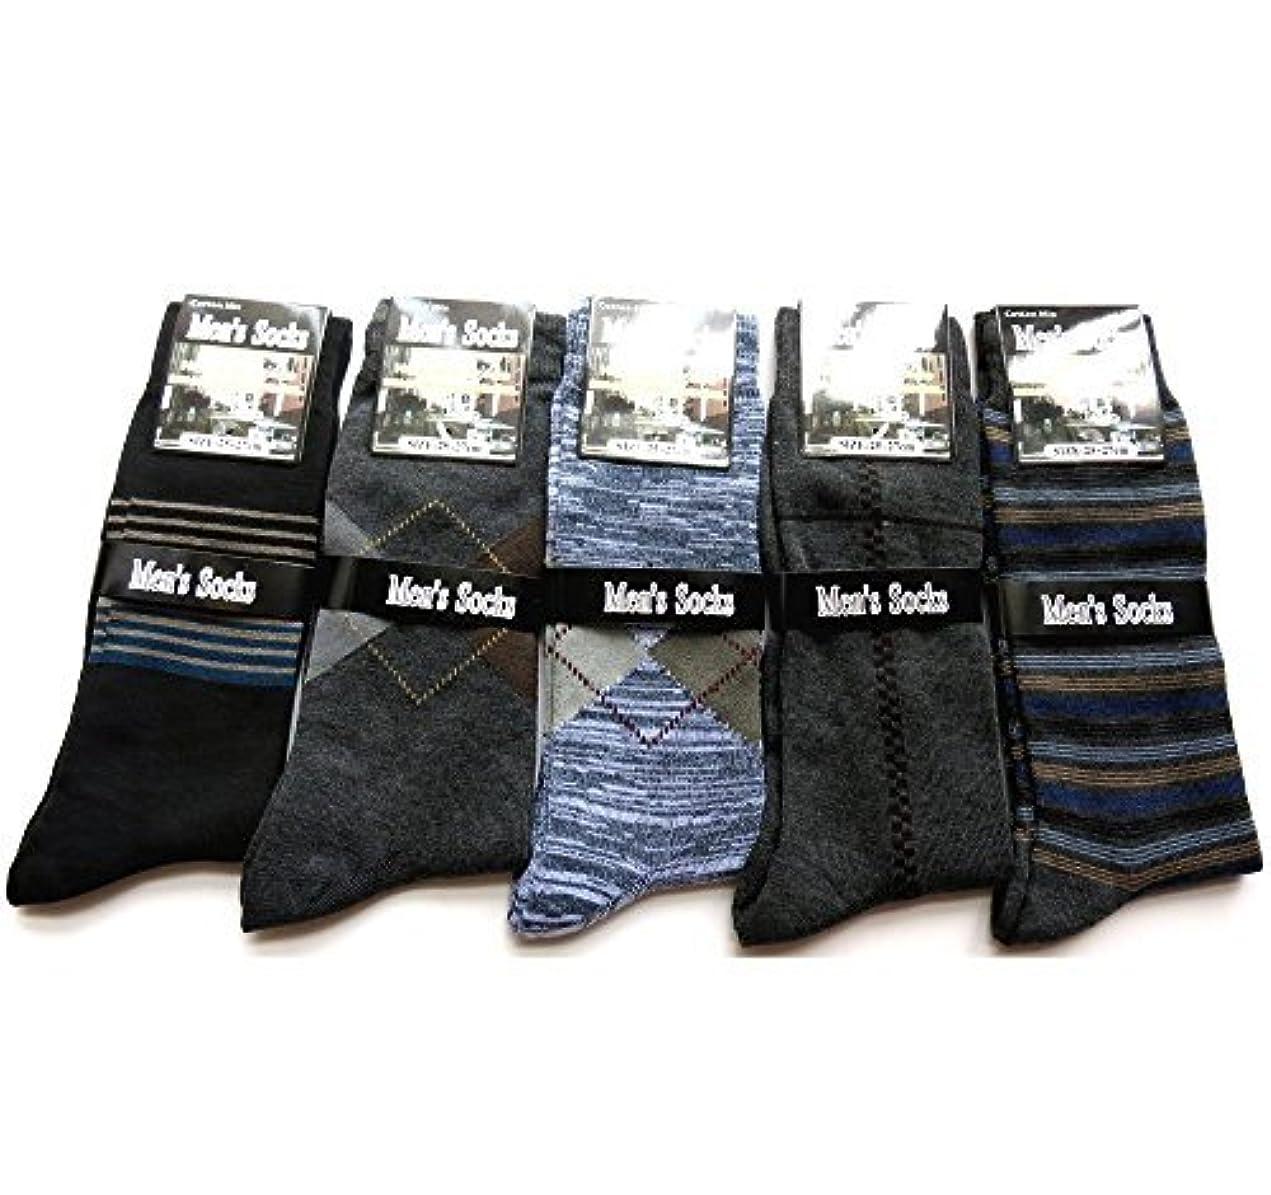 火曜日出席皿紳士 ビジネスソックス カジュアル ソックス メンズ 靴下 メンズ 25-27cm 5足セット(柄はお任せ)